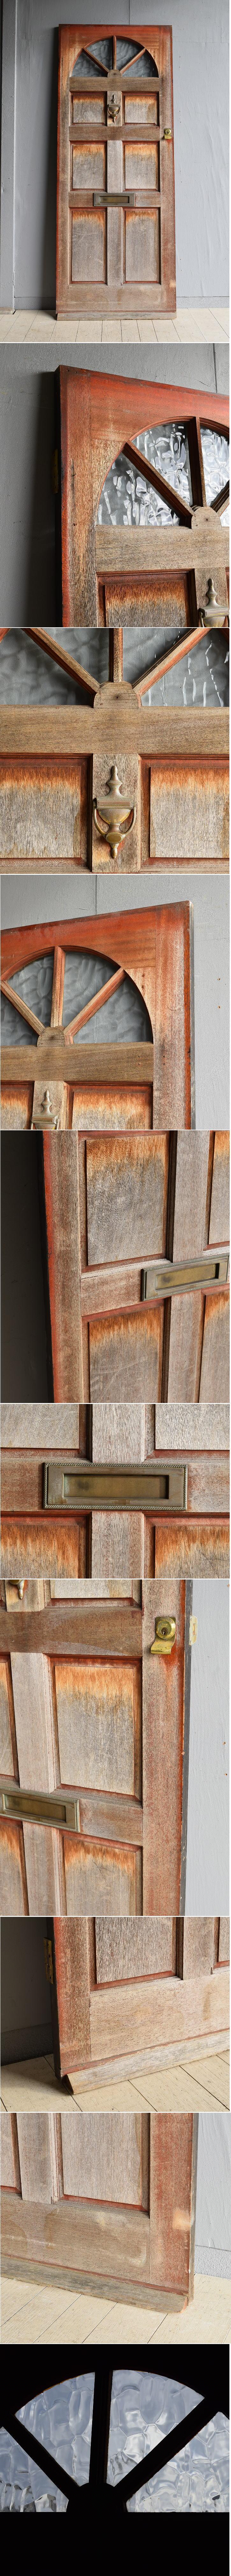 イギリス アンティーク ガラス ドア 扉 ディスプレイ 建具 7881